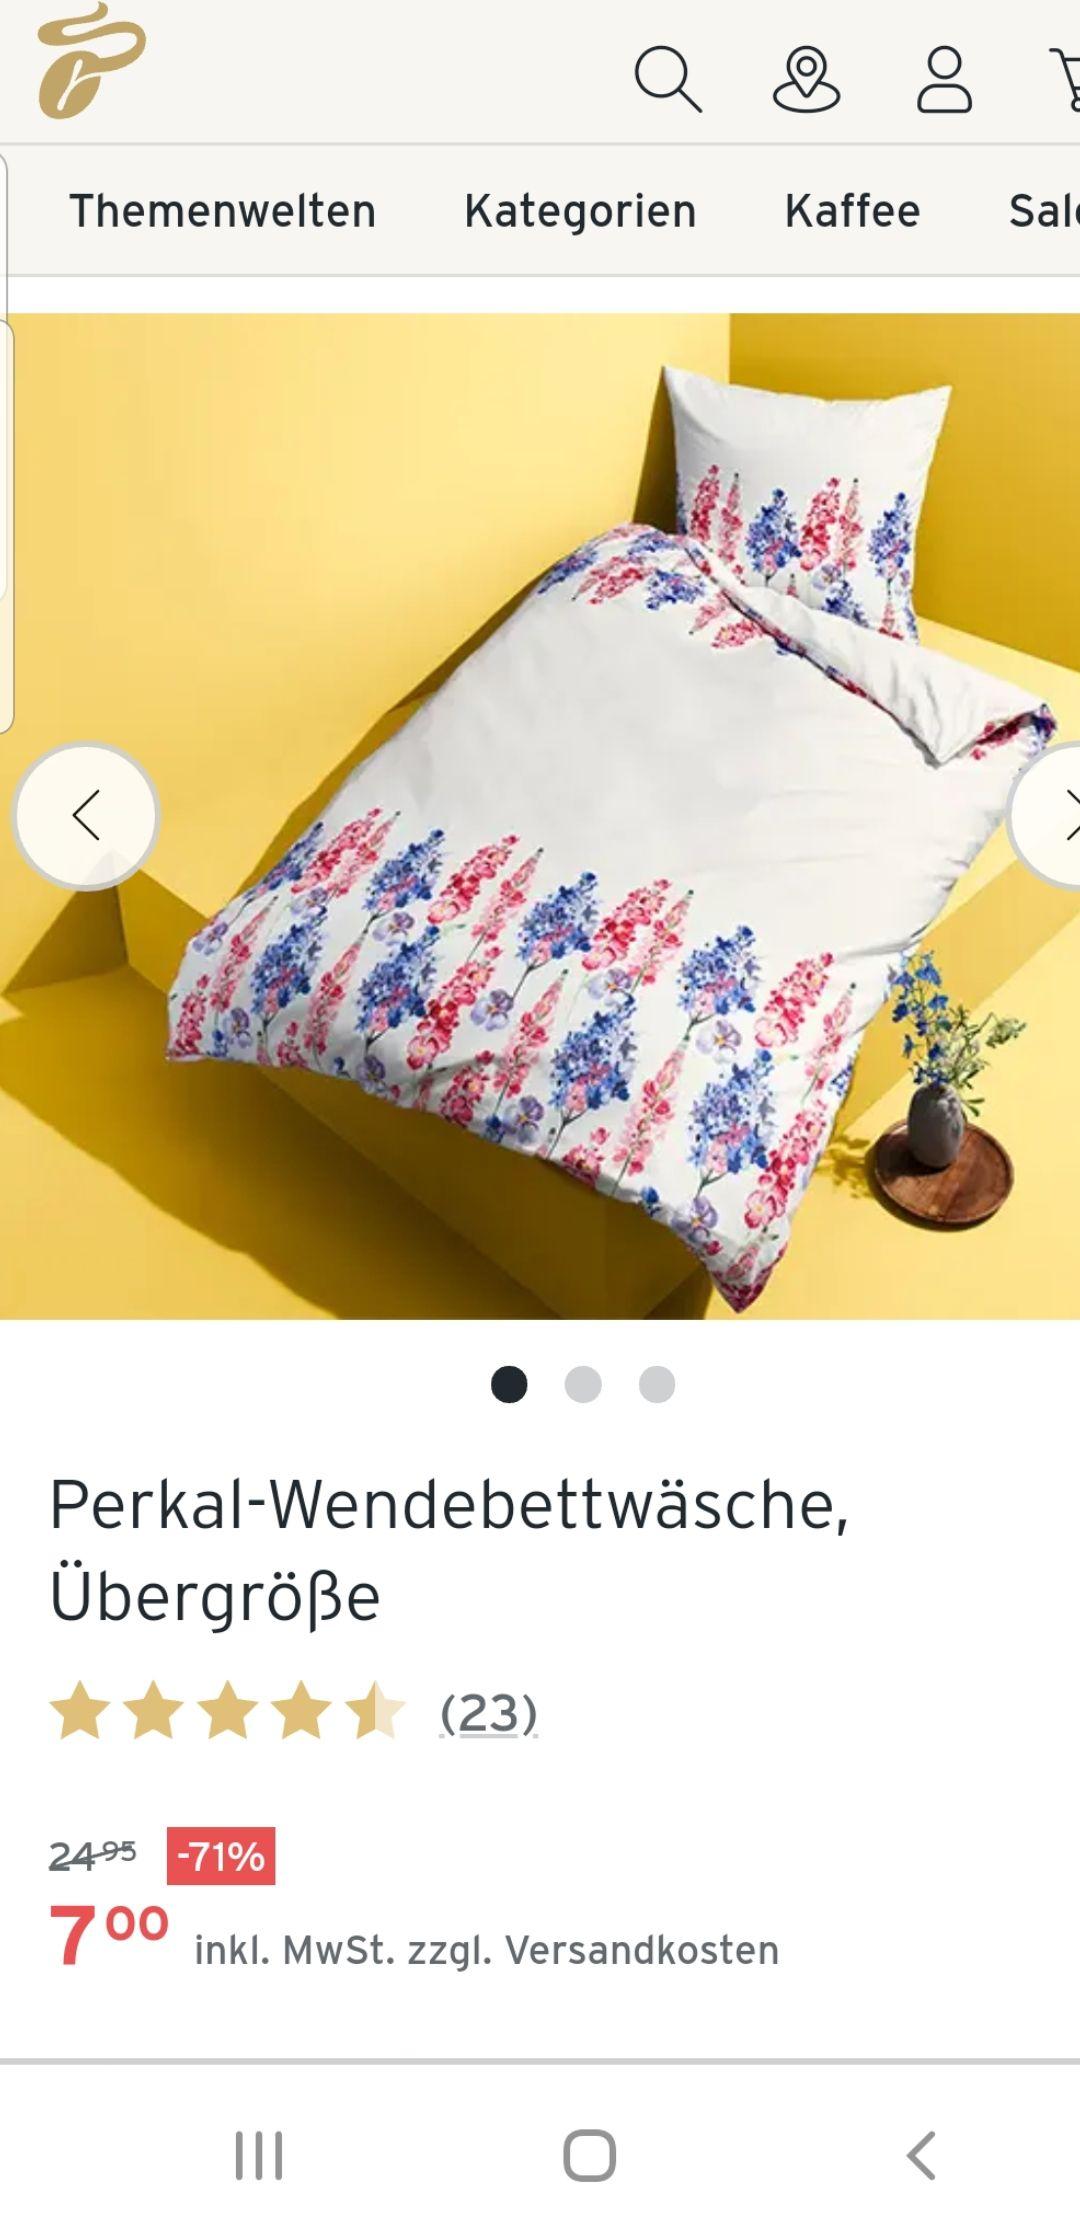 Tchibo Wende Bettwäsche, Bettbezug Übergröße (1,55m/2,20m) Abholerpreis.7Euro .Auch Online zuzgl Versandkosten.Ab 20Euro Versandkostenfrei.